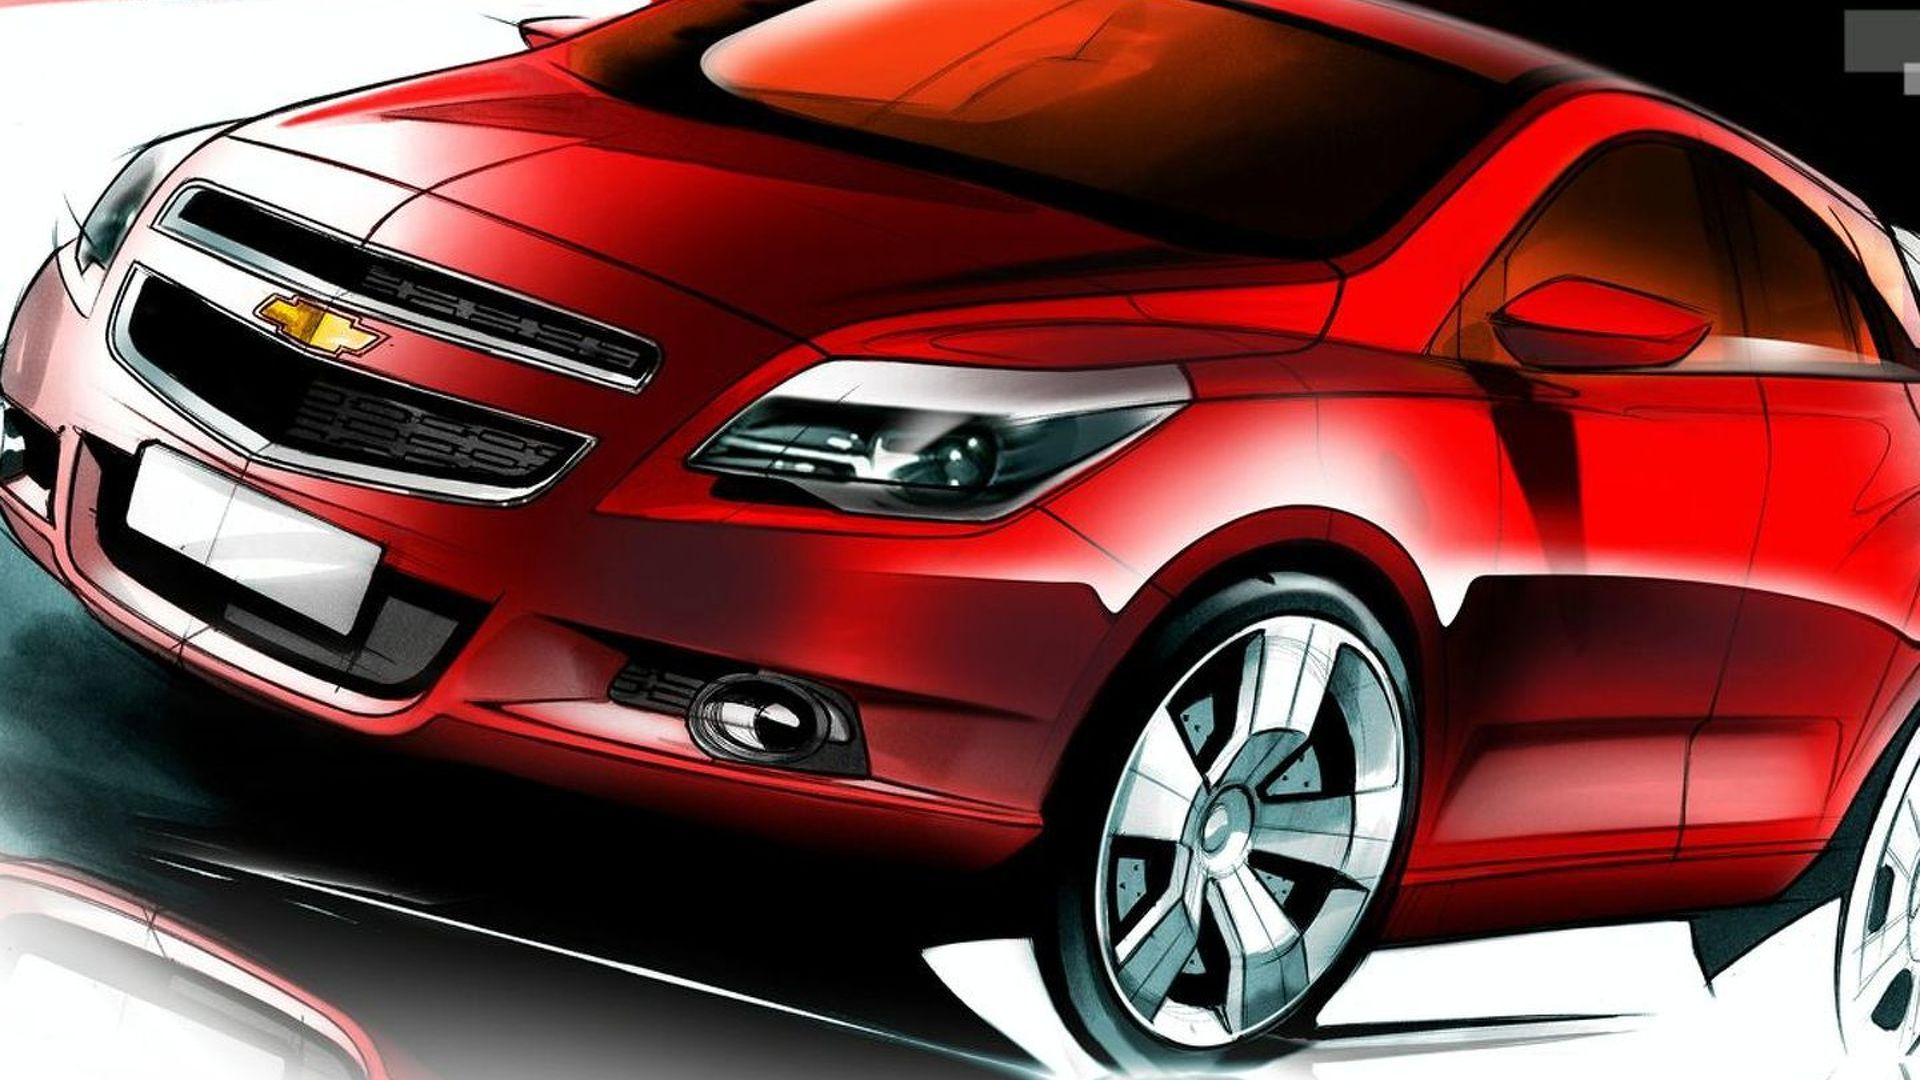 Chevrolet Agile Renderings Released